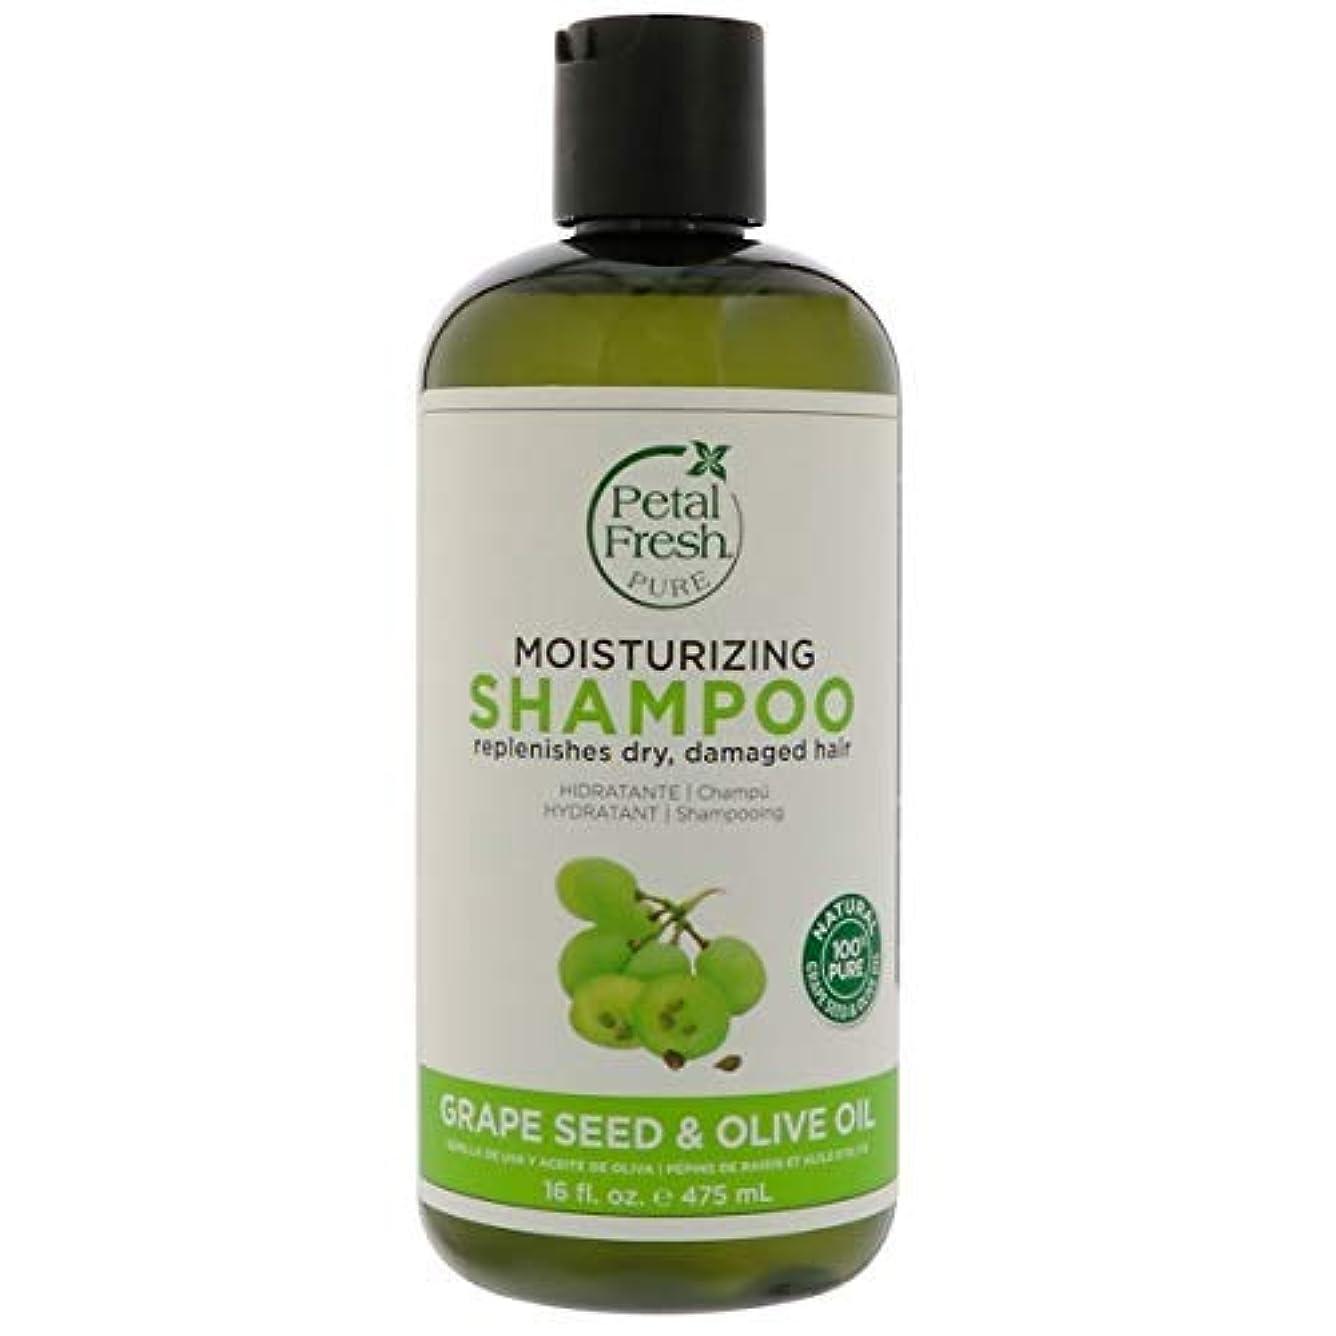 便宜フックアフリカPetal Fresh Pure ペタルフレッシュピュア エイジディファイング(老化に免疫する)シャンプー グレープシード &オリーブオイル 16 fl oz (475 ml) [並行輸入品]